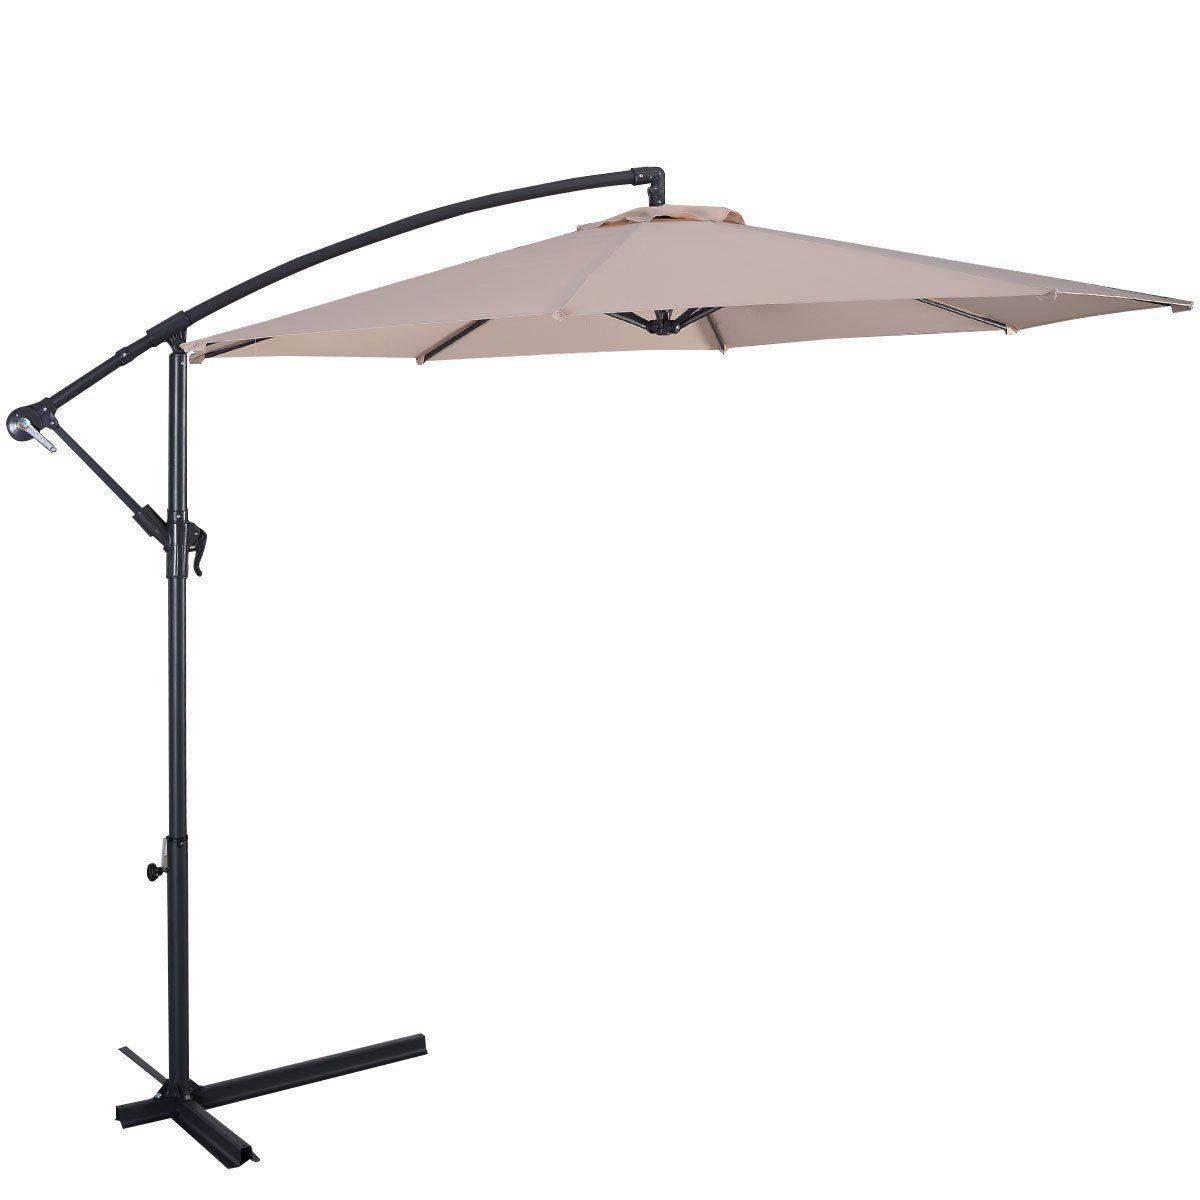 Top 3 Best Outdoor Patio Umbrella 2017 Review